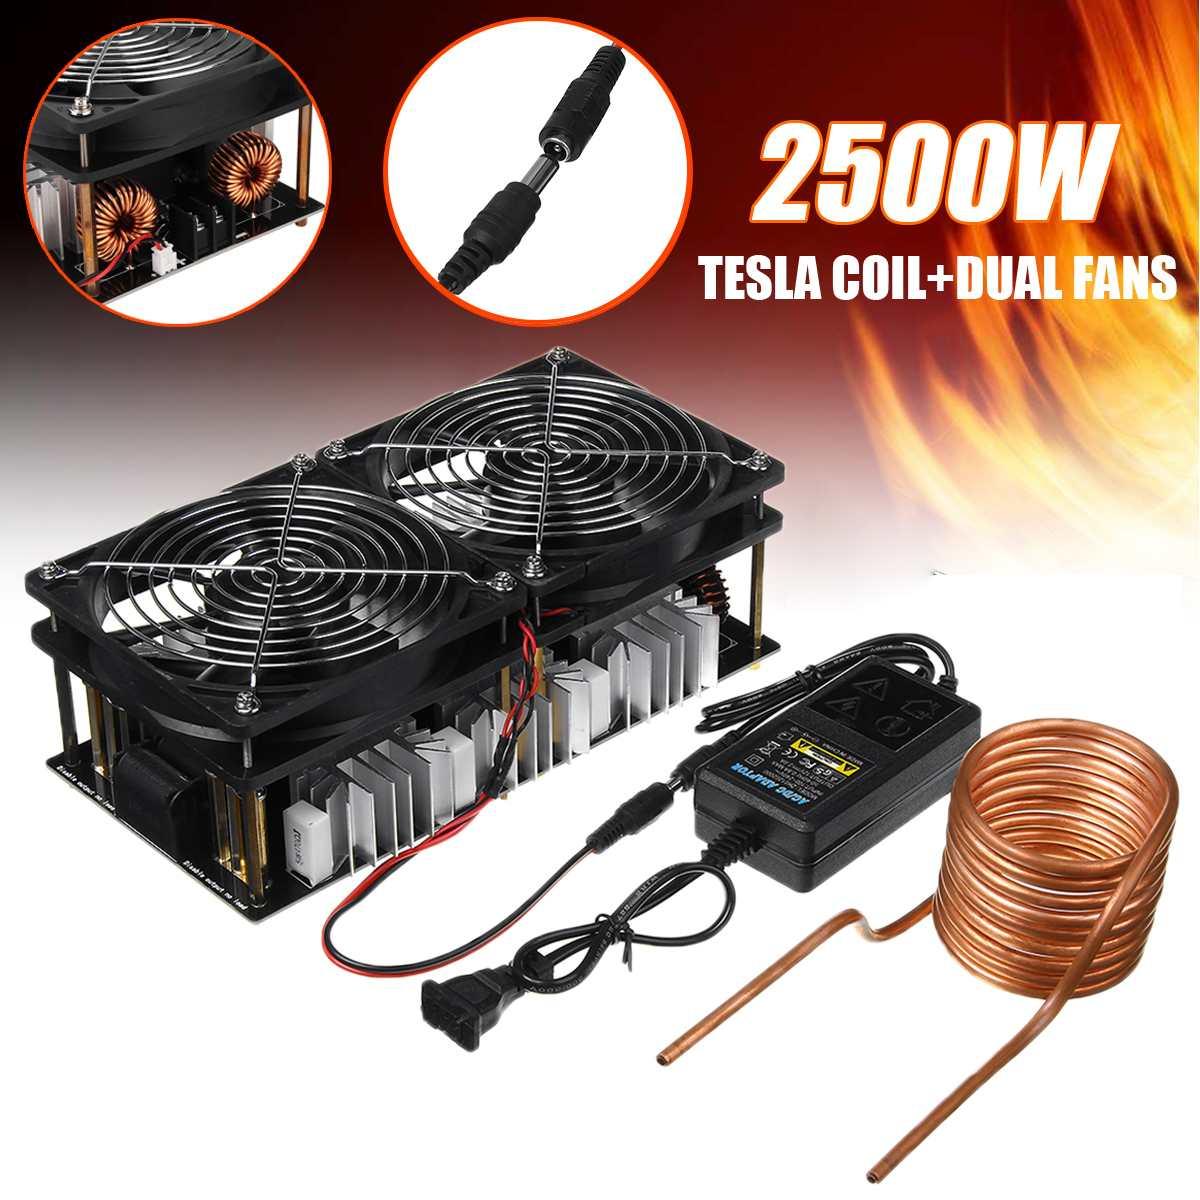 2500W 1800W ZVS indüksiyon ısıtma devre kartı modülü Flyback sürücü isıtıcı ile + çift Fan, güç kaynağı kiti